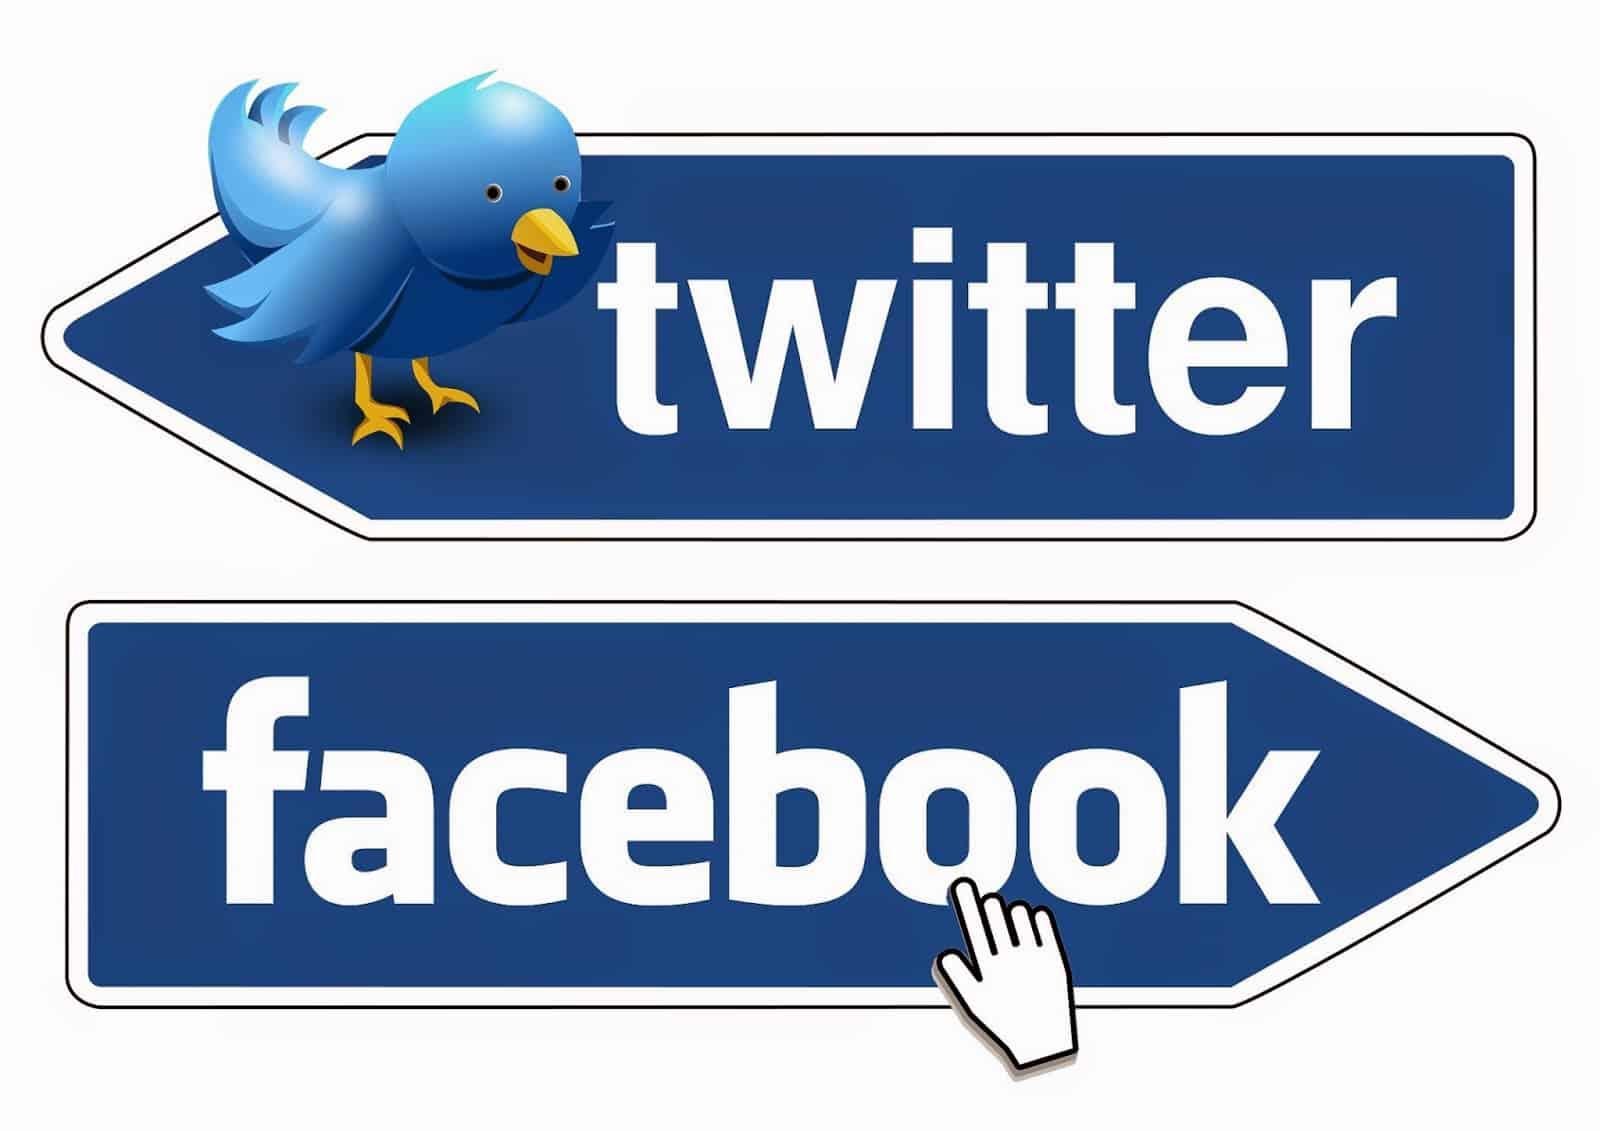 Twitter y Facebook son las herramientas de la web 2.0 más populares a nivel mundial.